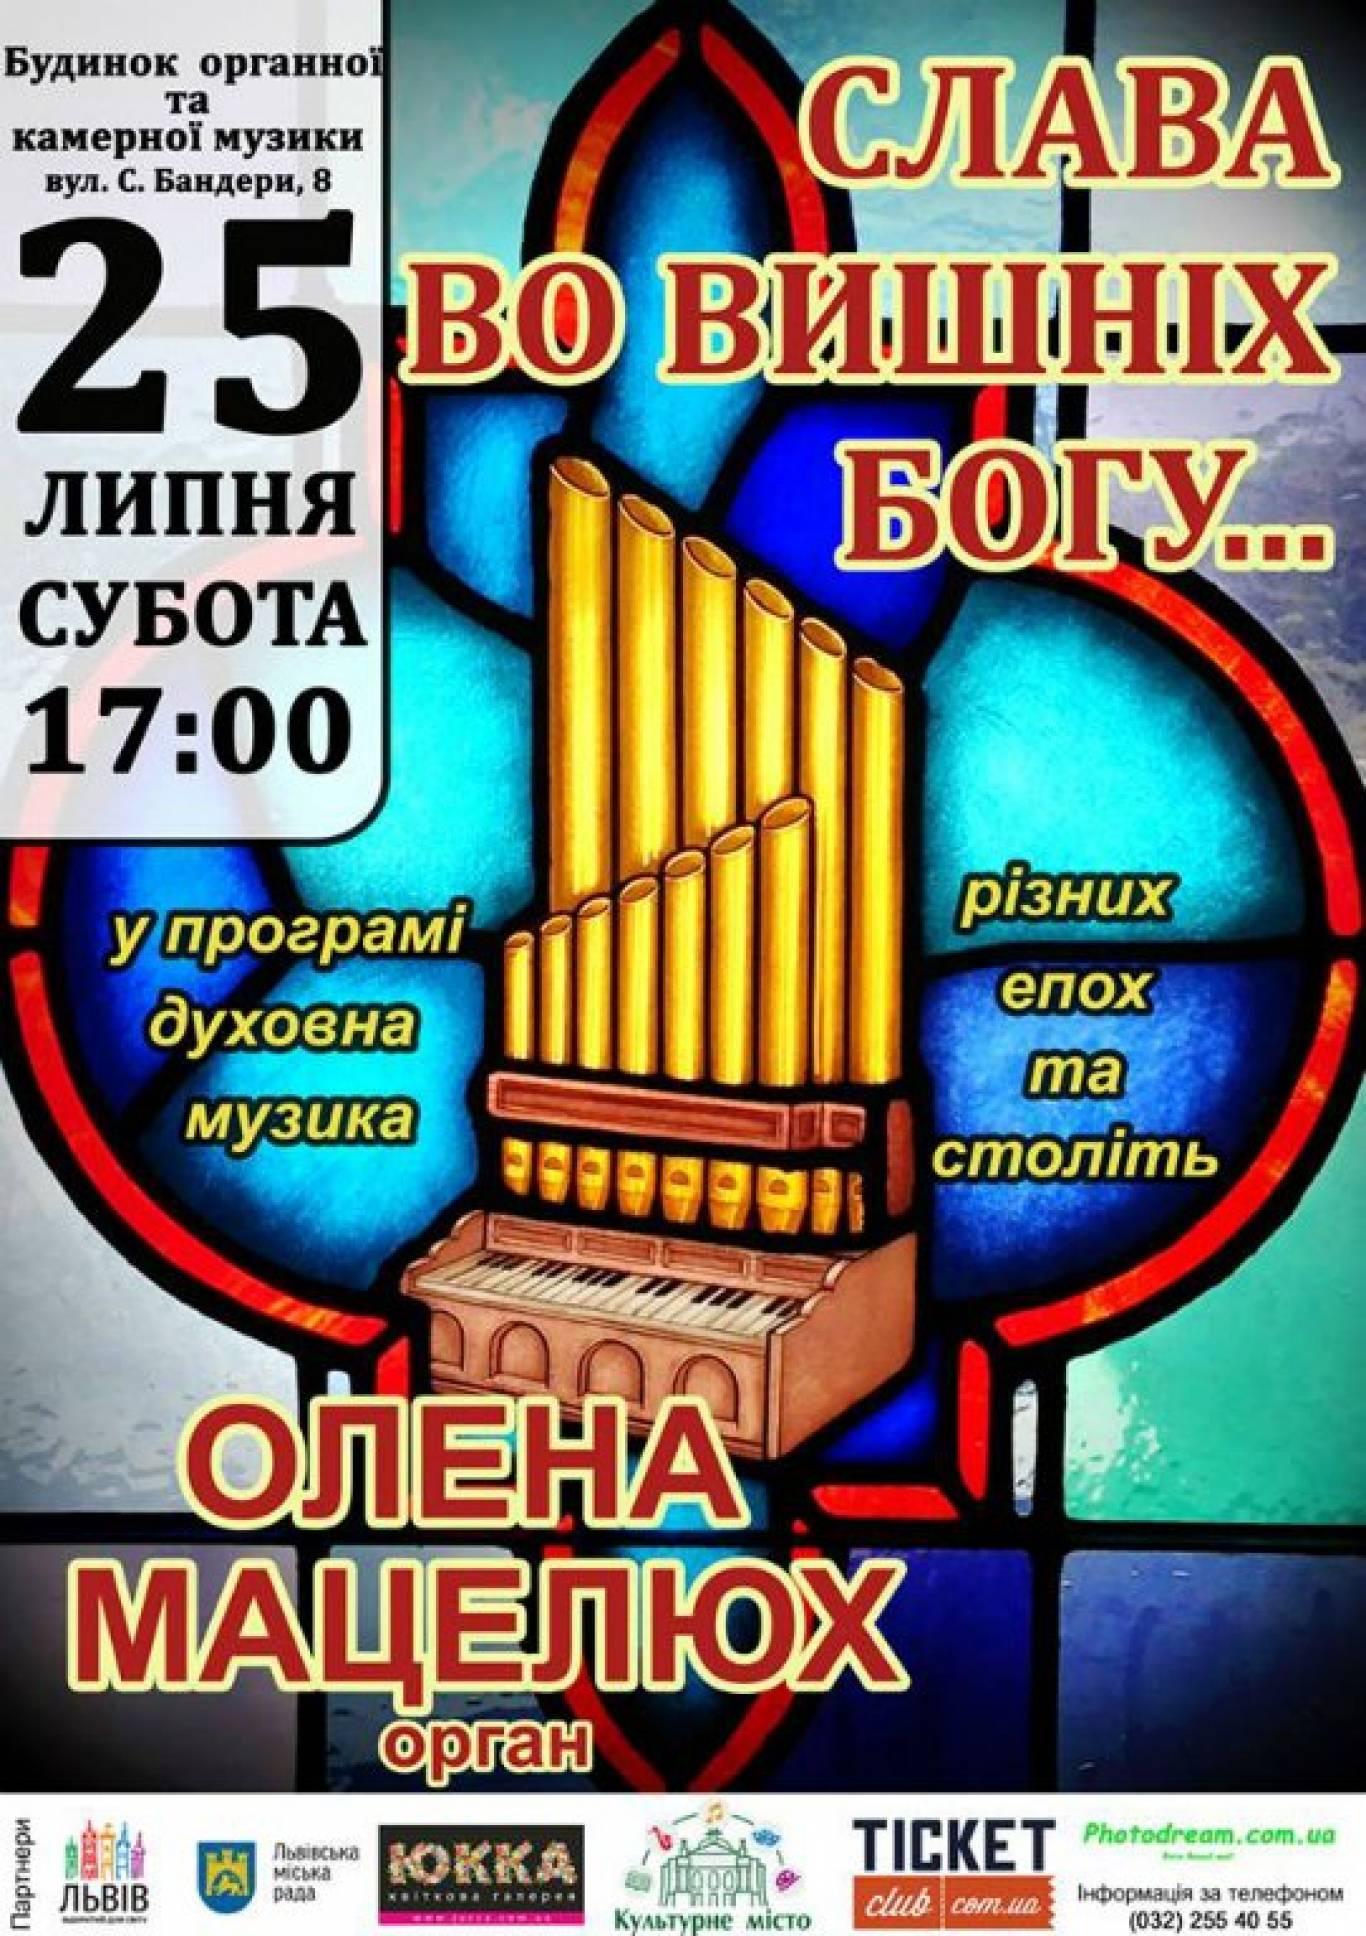 """Концерт """"Слава во вишніх Богу..."""""""